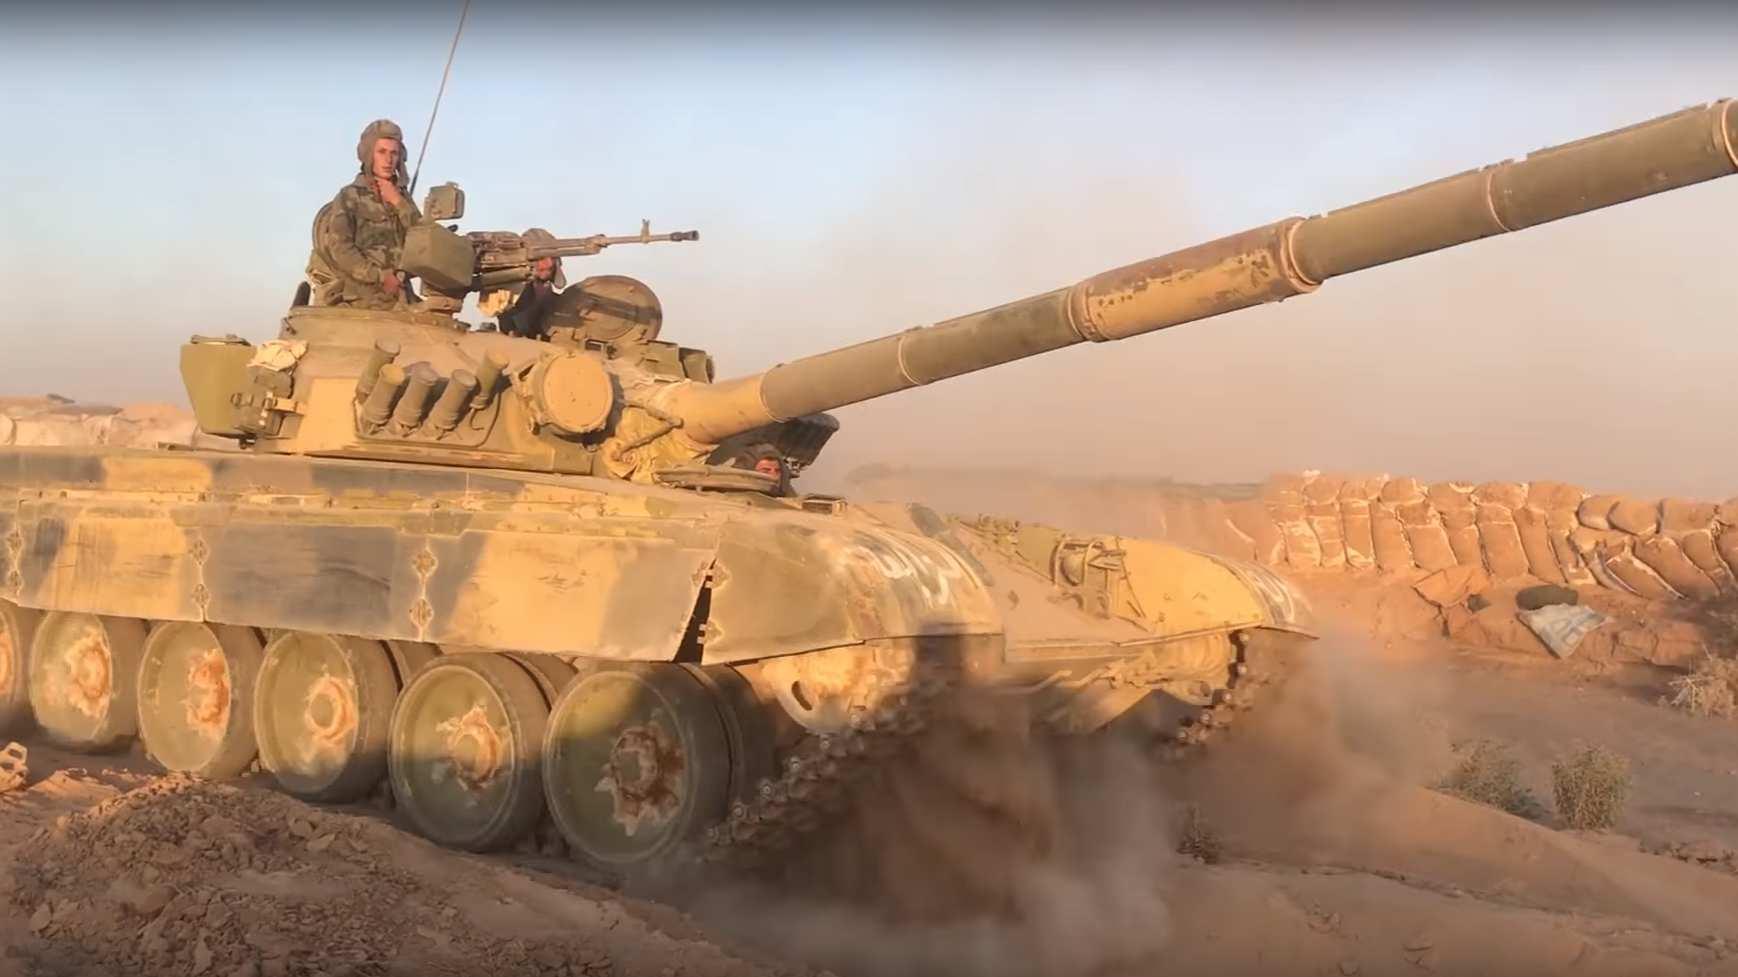 Битва за Дейр-Эз-Зор: США бросают все силы, чтобы помешать России и Сирии победить ИГИЛ | Русская весна